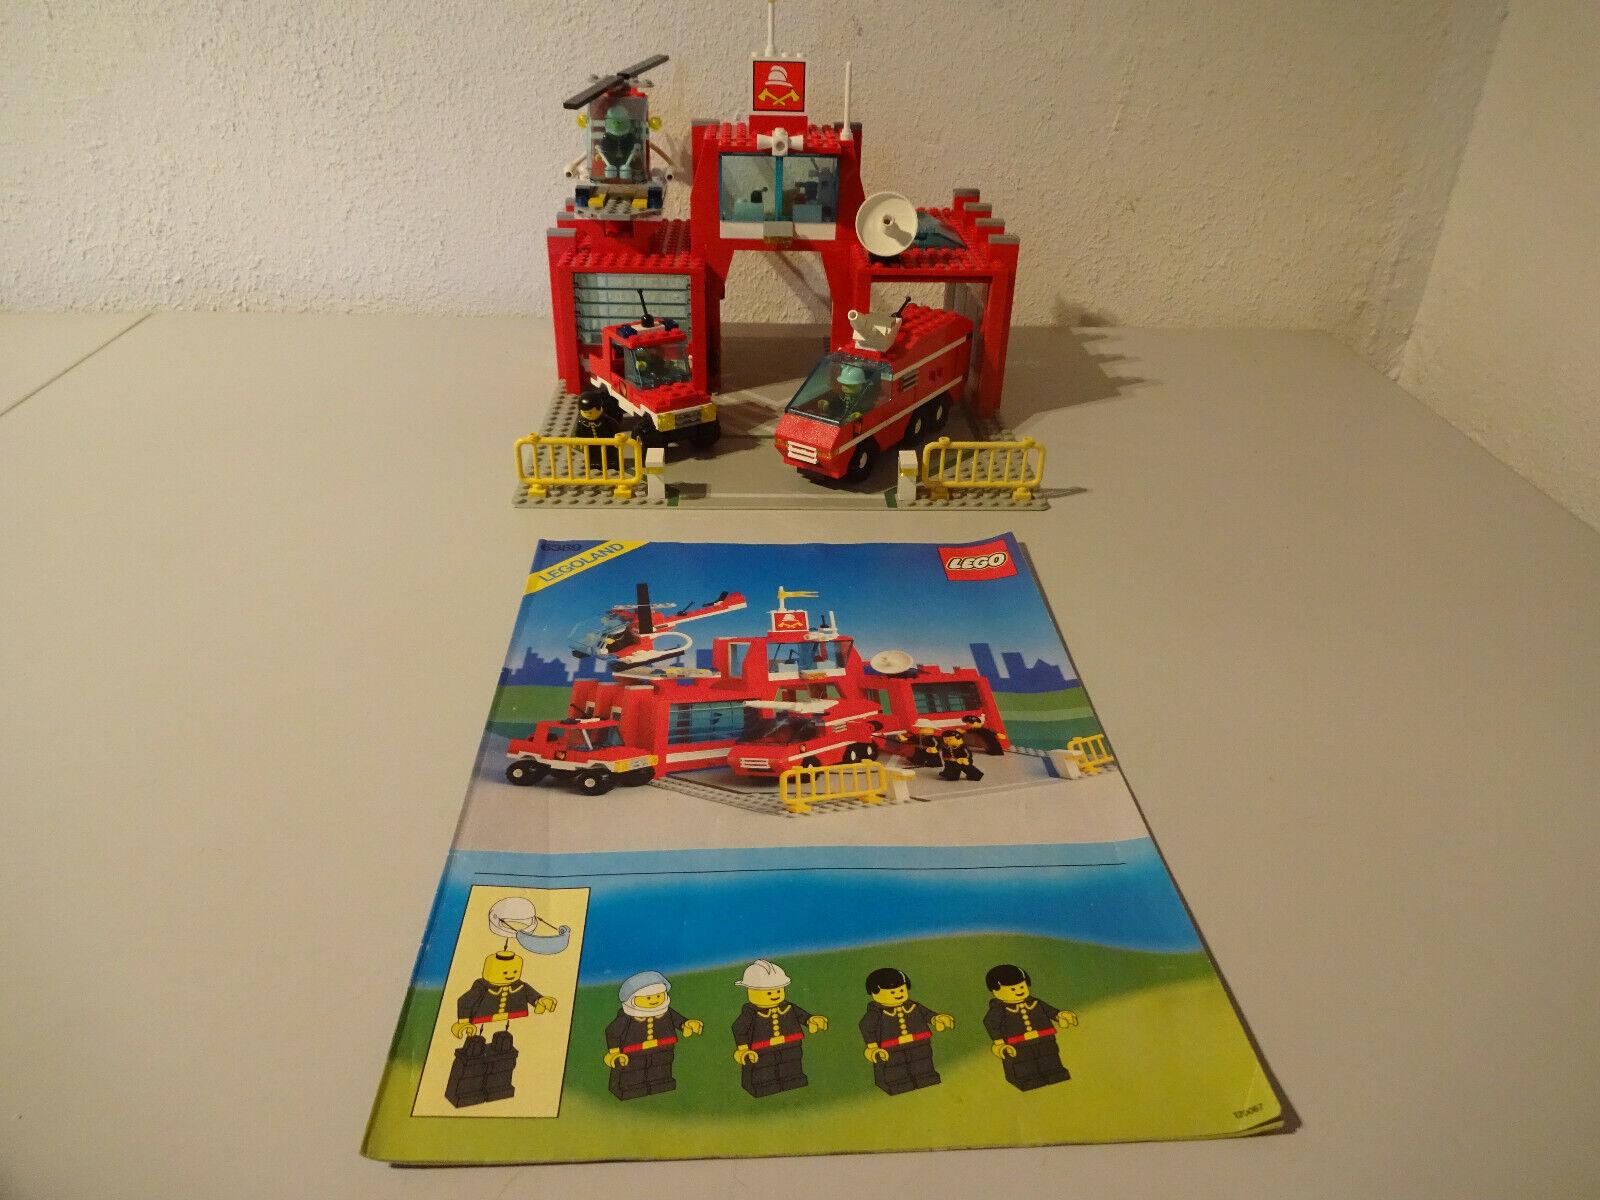 (GO) LEGO 6389 Feuerwehr Station MIT BA 100% KOMPLETT GEBRAUCHT FIGUREN